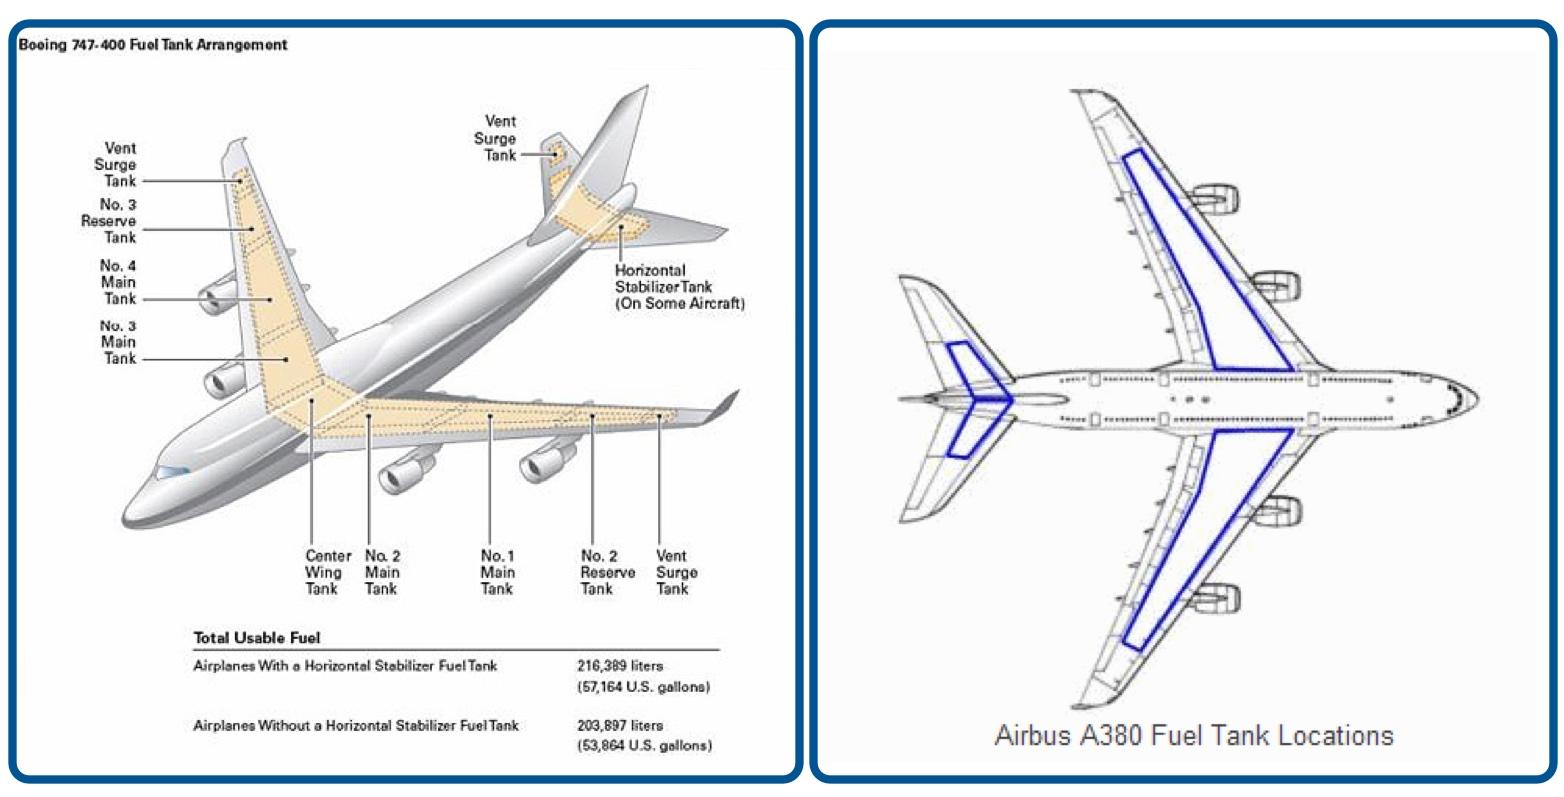 Localização dos tanques de combustível no Boeing 747-400 (à esquerda) e no  Airbus A380  (à direita). Ficar perto dessas asas... sei não (clique para ampliar)